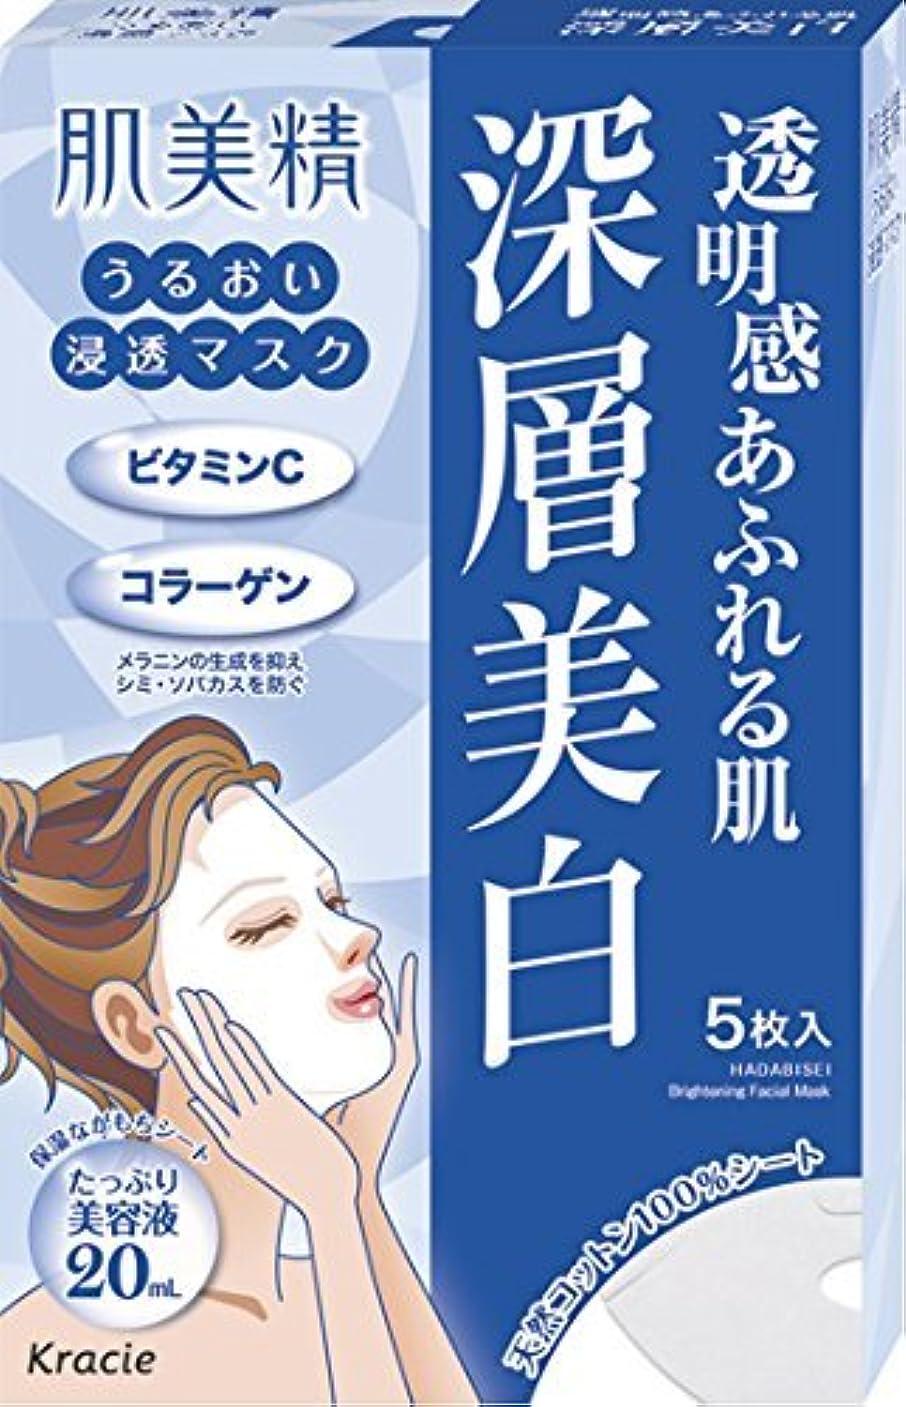 仮説簡潔な証書【22個セット】肌美精 うるおい浸透マスク (深層美白) 5枚 [医薬部外品]×22個